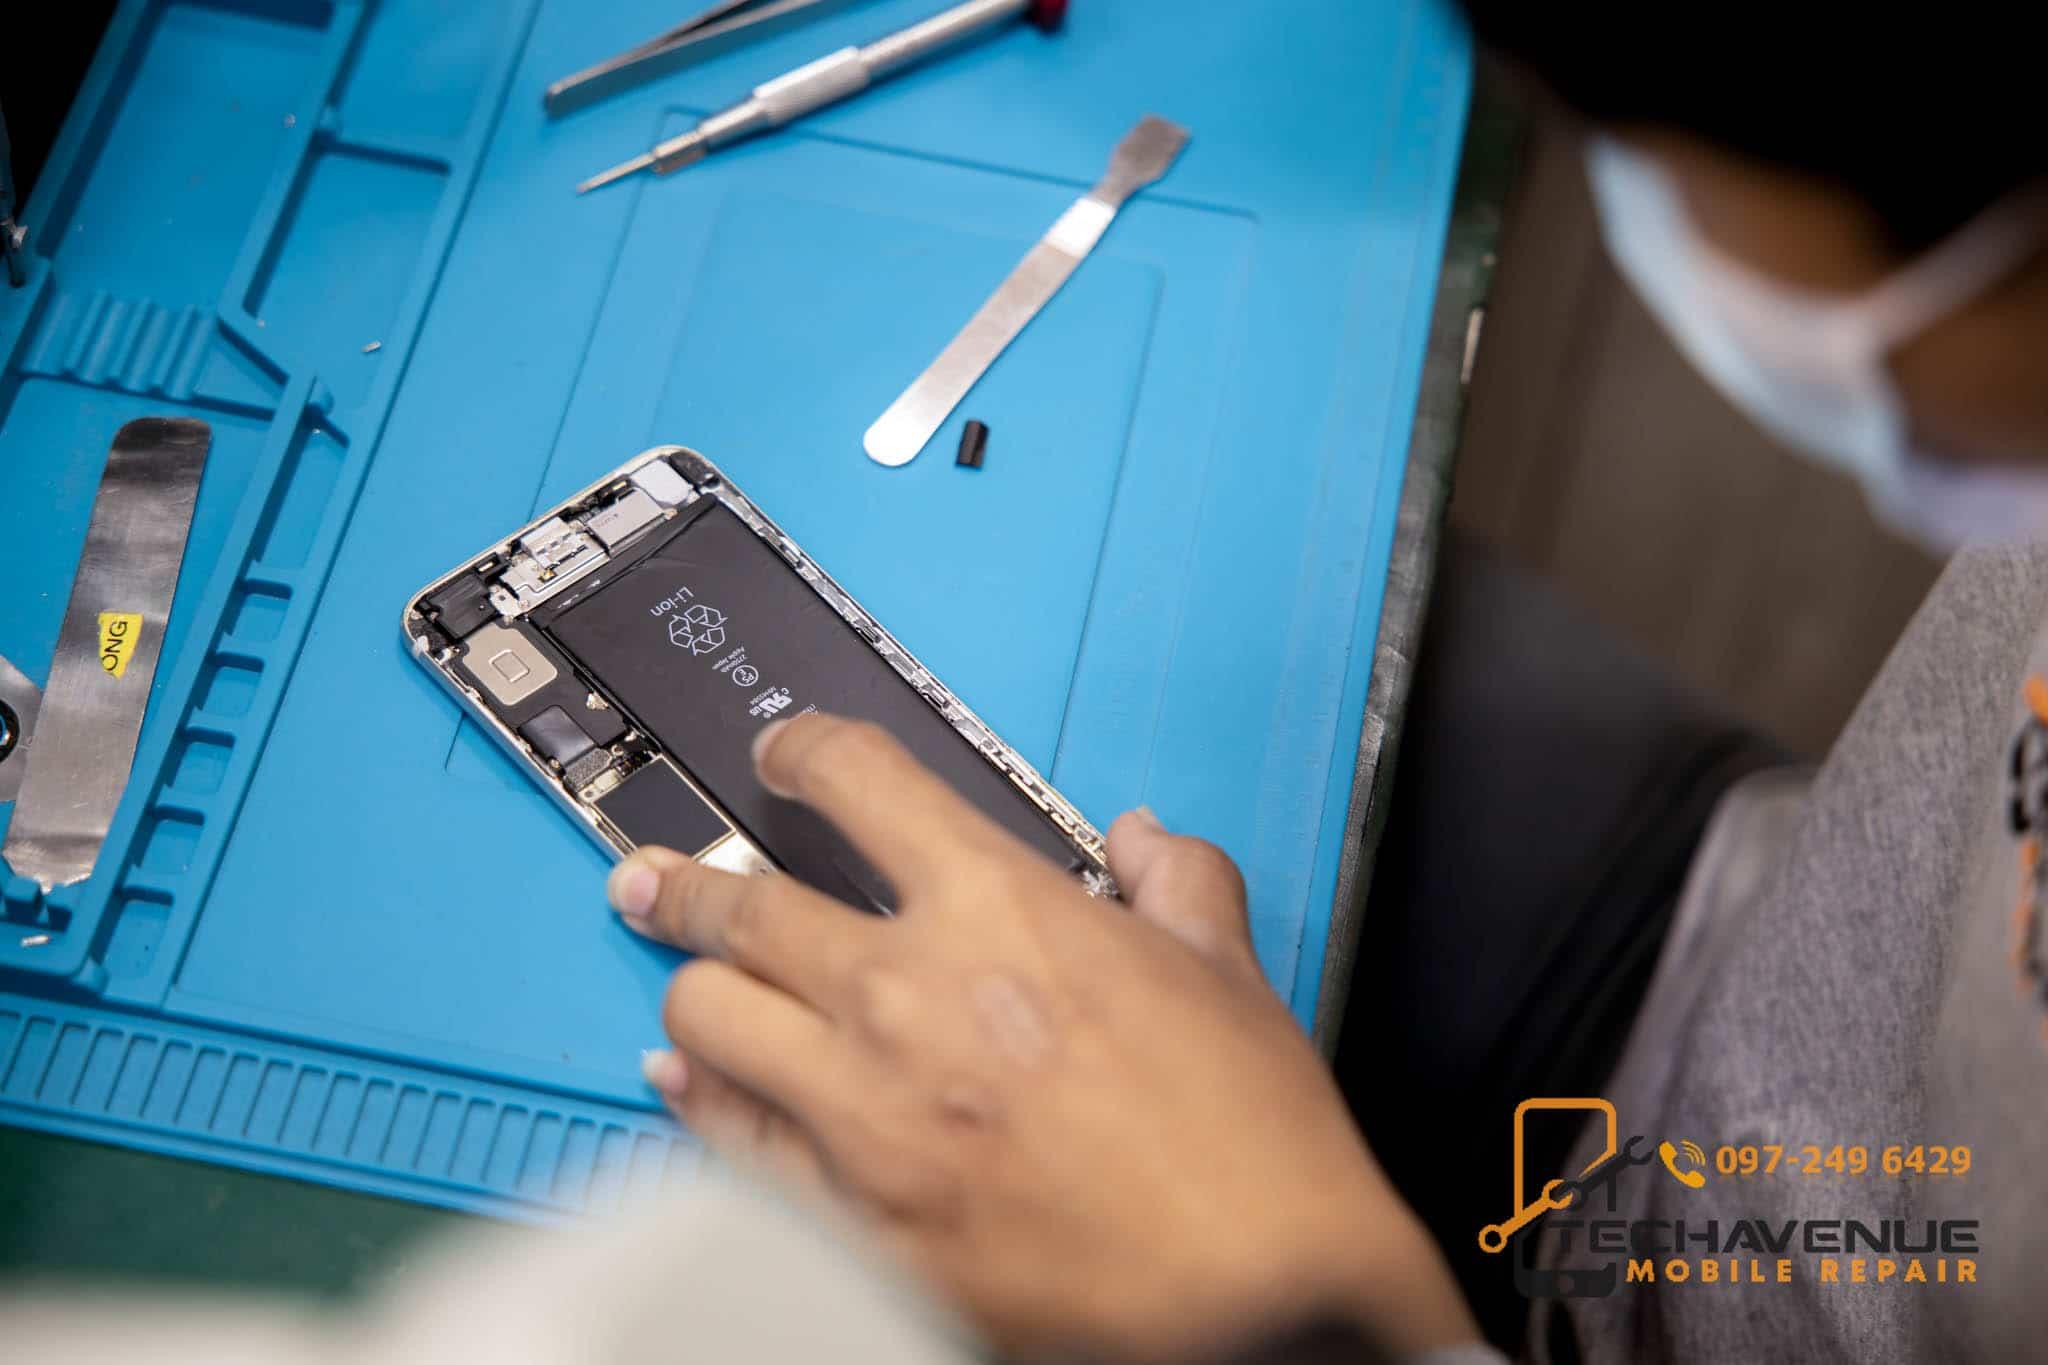 Huawei หัวเว่ย P20 เครื่องร้อน ส่งซ่อมมือถือร้านไหนดีที่สุด 🥇 ศูนย์ซ่อม โทรศัพท์มือถือ มือถือทุกรุ่น ทุกยี่ห้อ iPhone | Apple | Samsung | Huawei